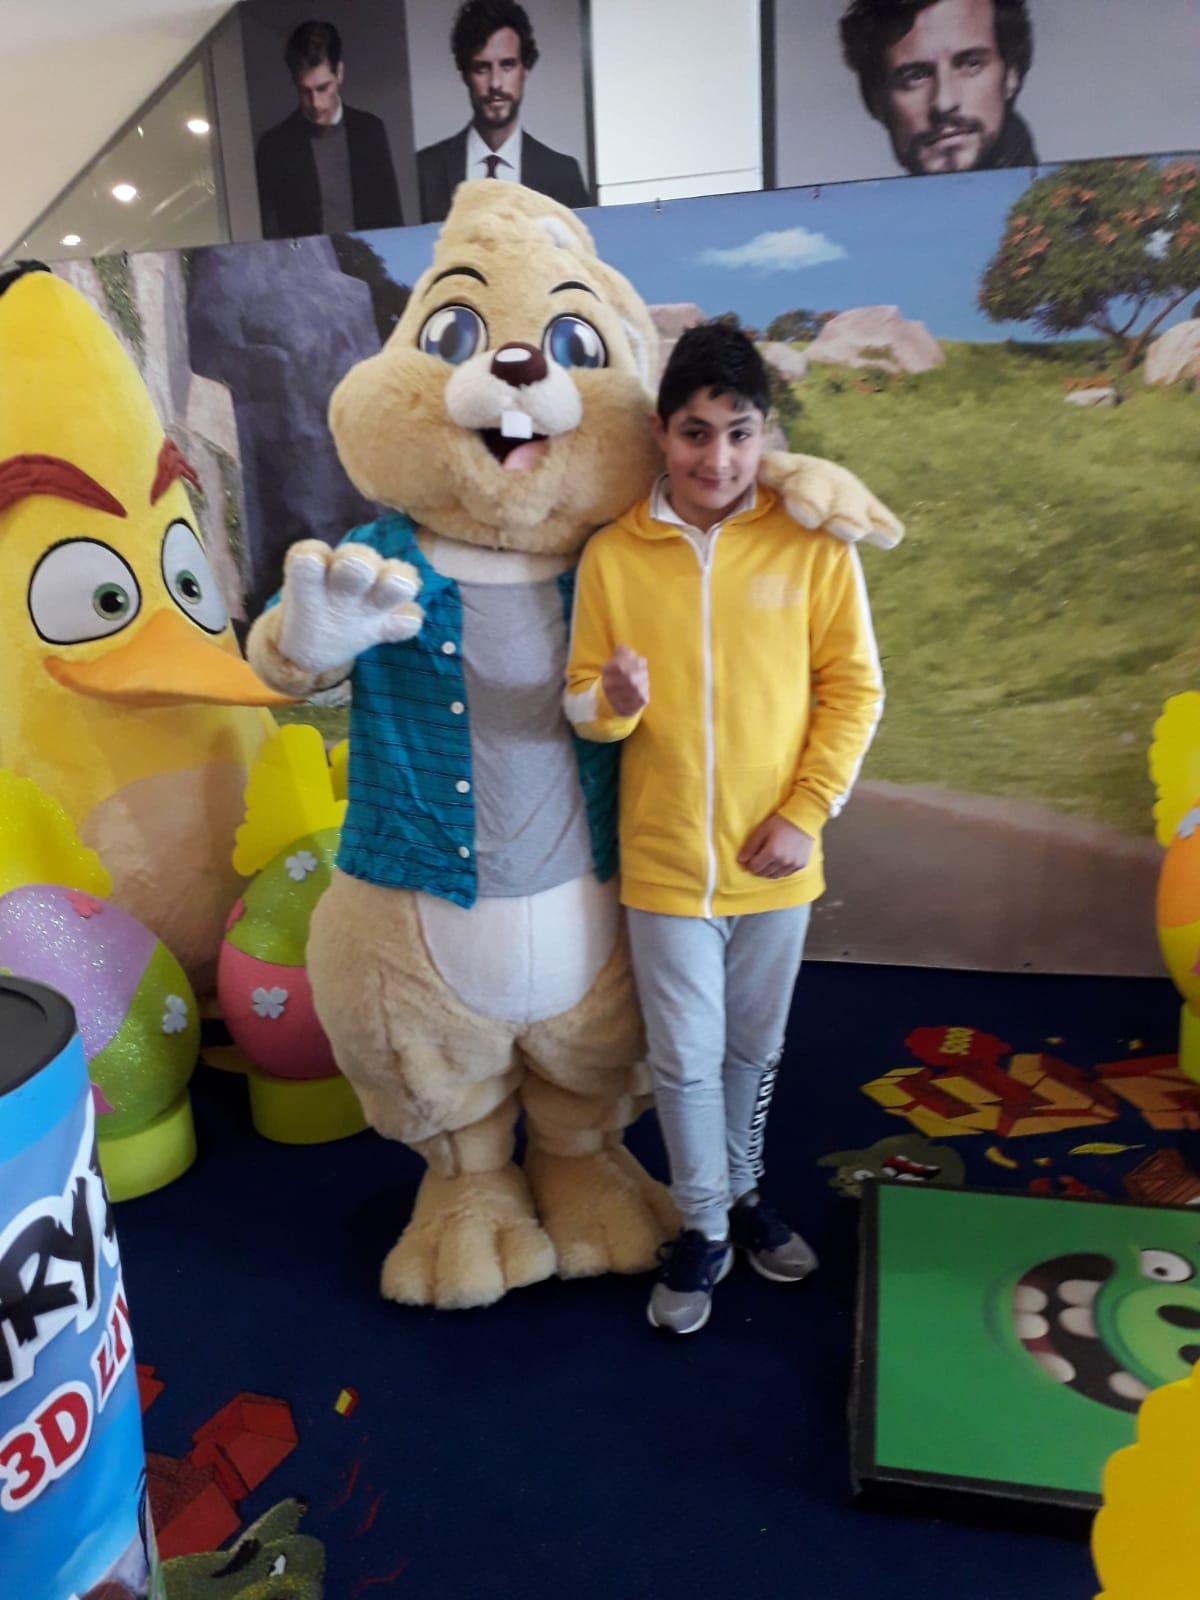 Io e il coniglio con Chunk i piazza grande (Rovigo)